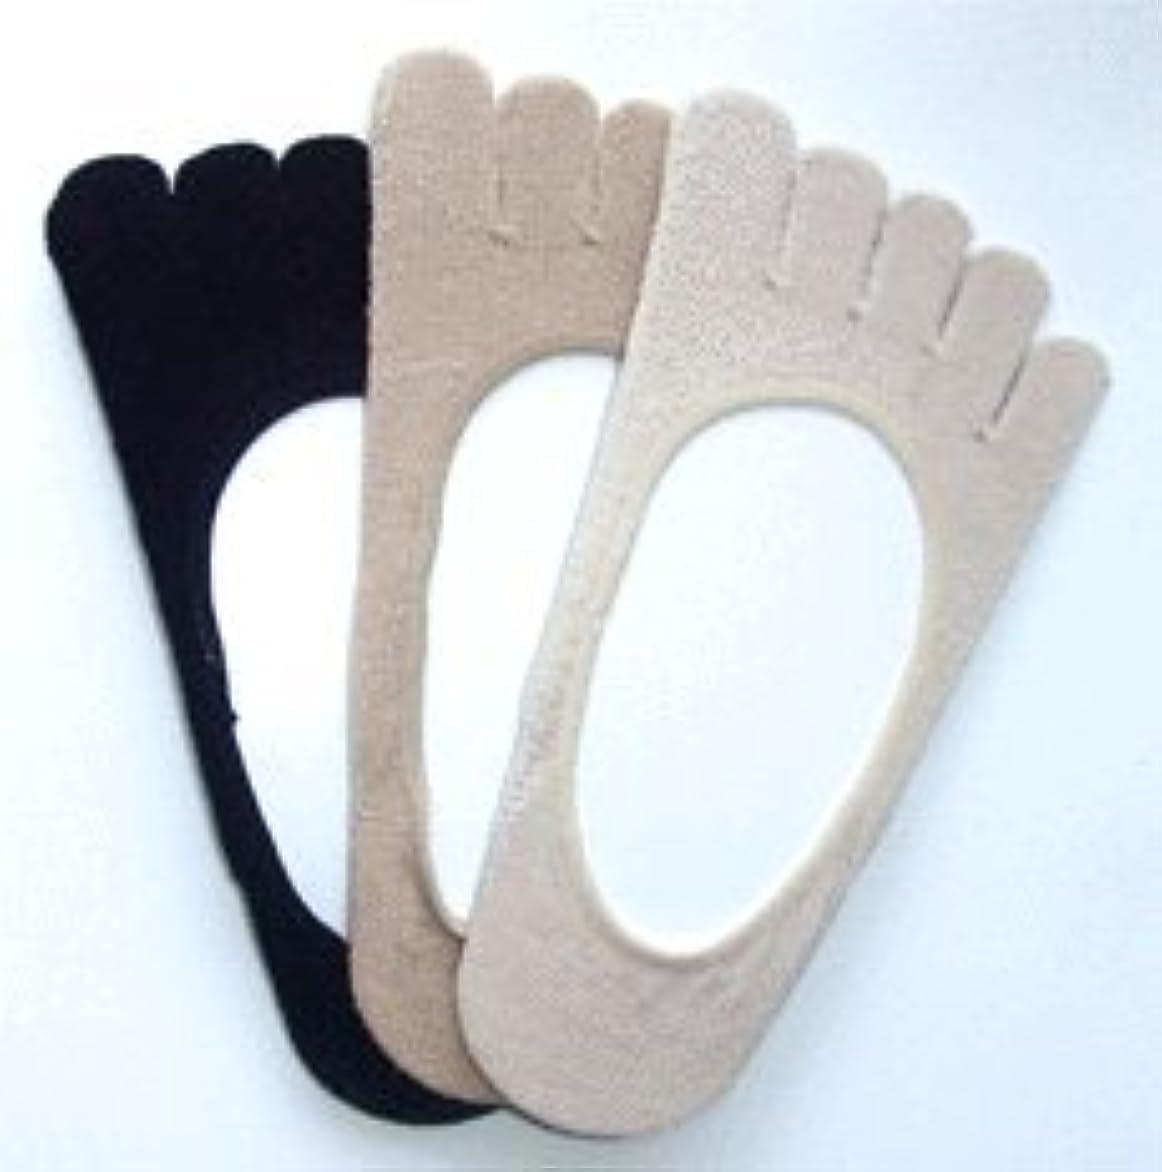 流暢サンドイッチフロンティア日本製 シルク五本指 フットカバー パンプスインソックス 3足組(ベージュ系2足、黒色1足)